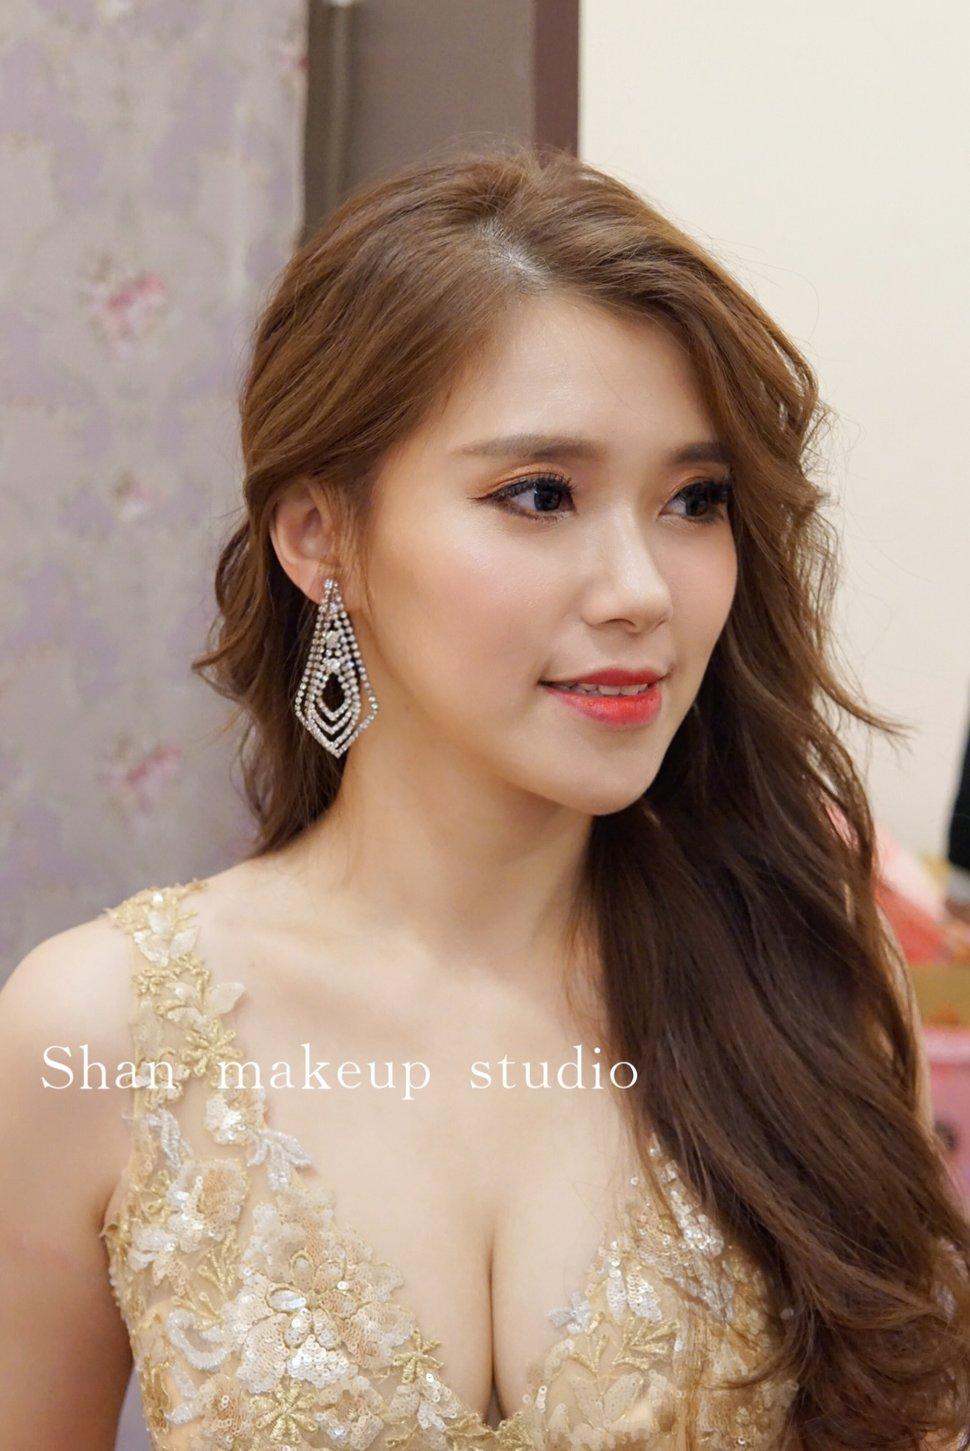 IMG_9691 - 湘翎Shan Makeup studio《結婚吧》